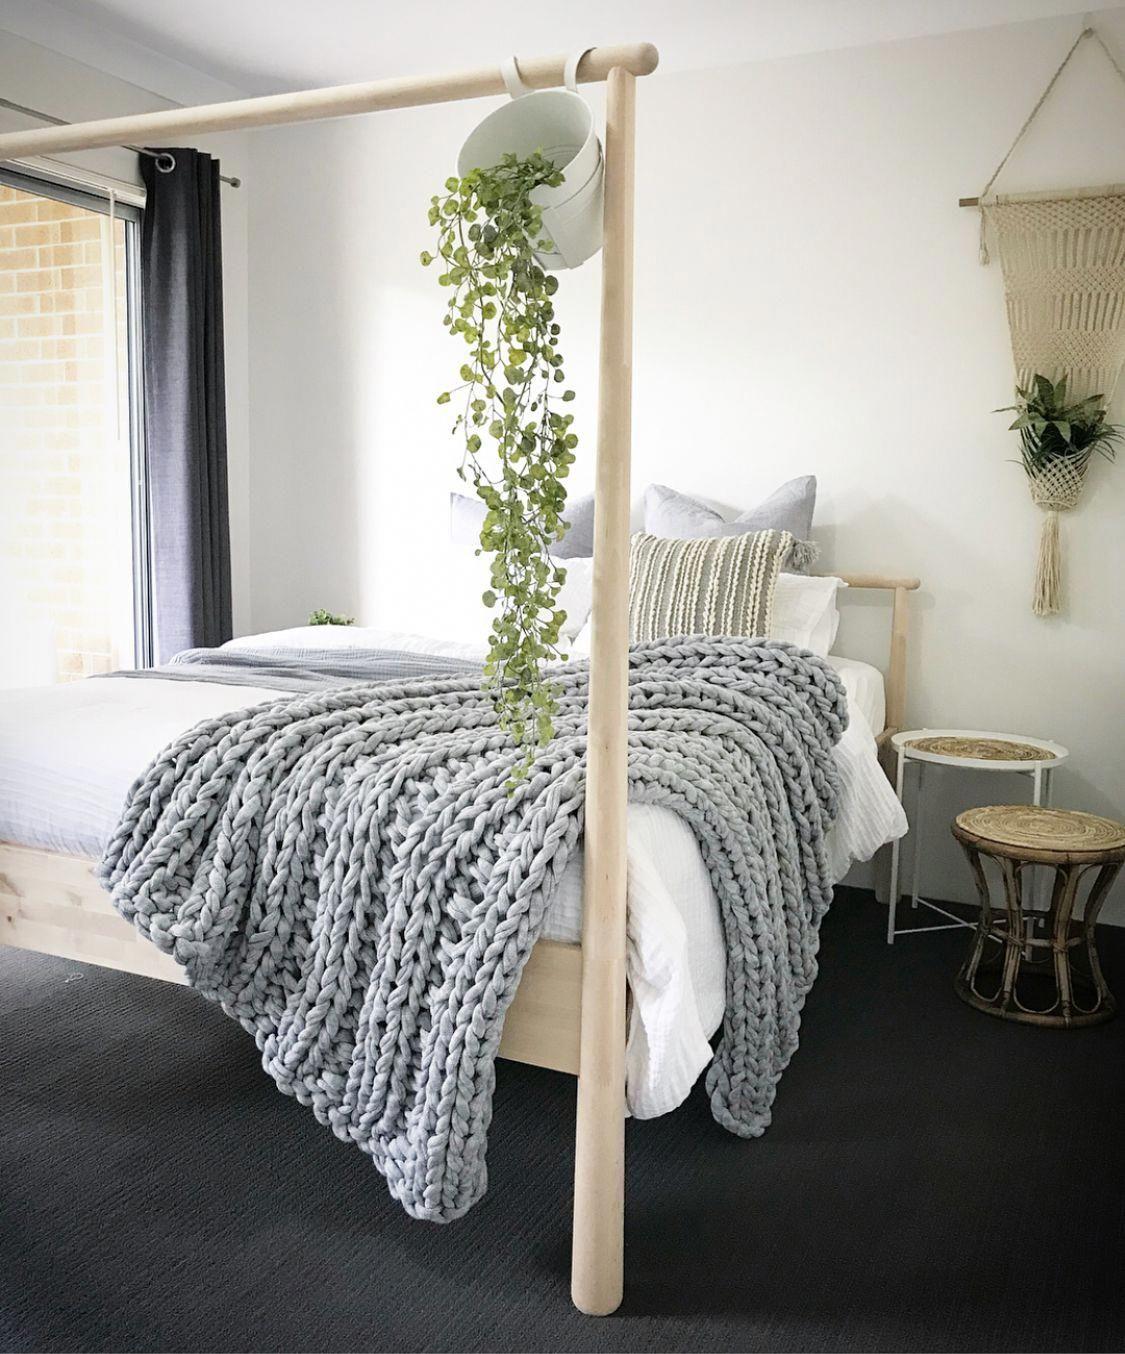 15+ Australian master bedroom ideas ppdb 2021